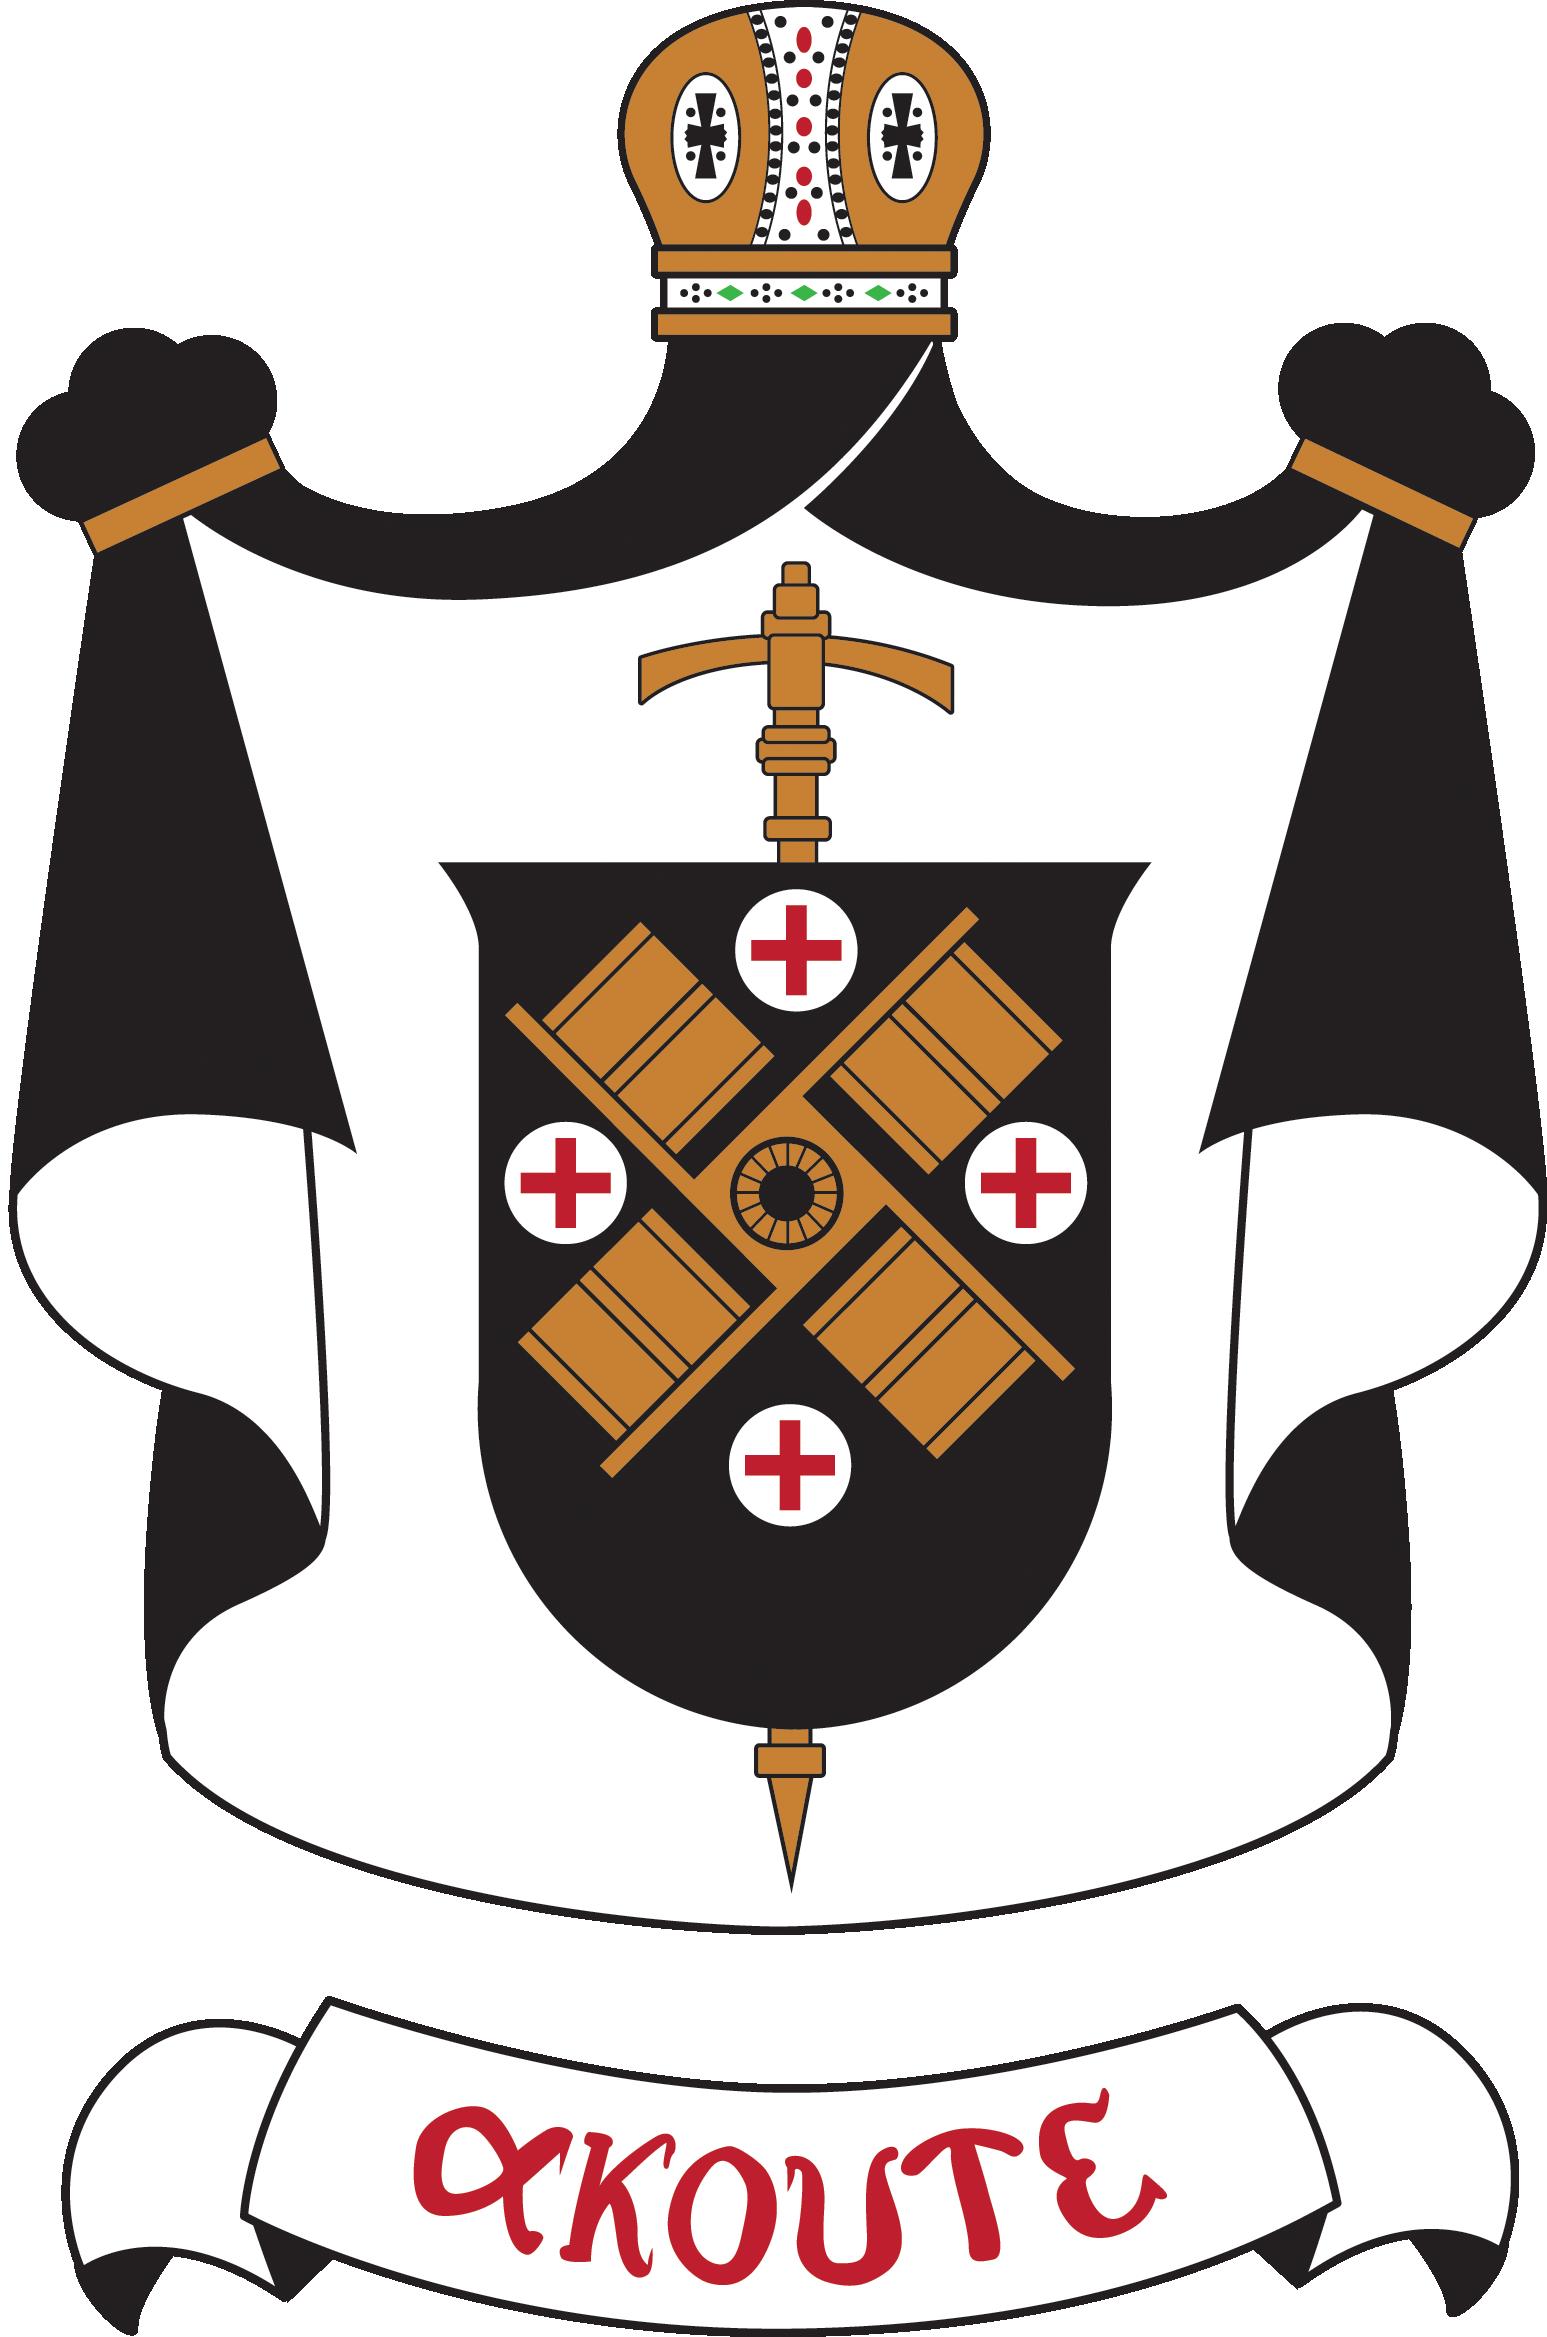 Rt. Rev. Paschal Morlino's Coat of Arms